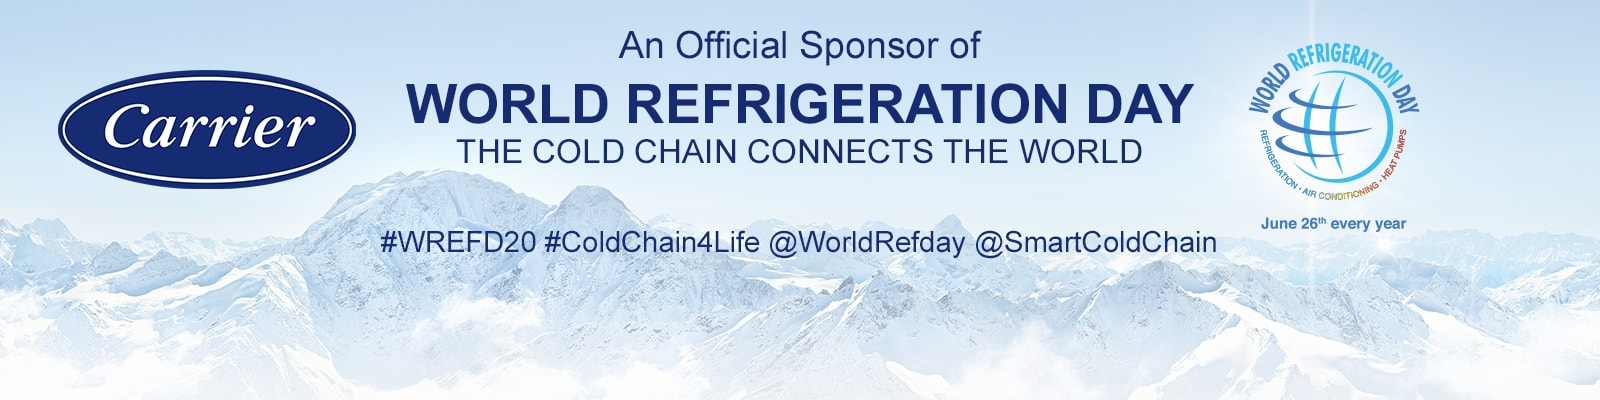 World-Refrigeration-Day-Website-Hero-Banner-2000x500